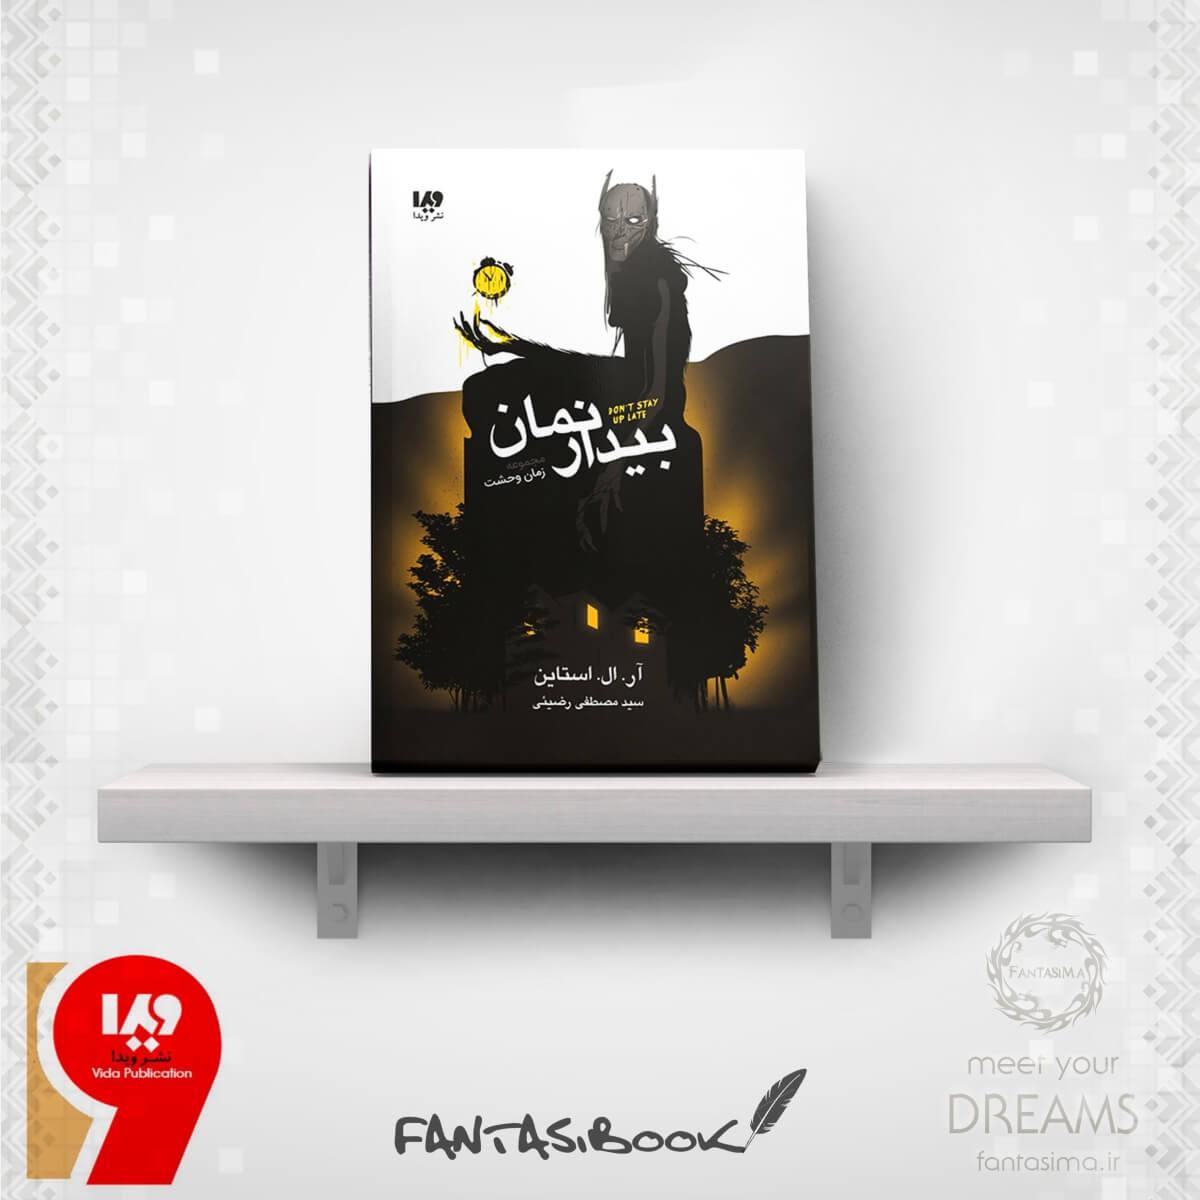 کتاب زمان وحشت - جلد 2 - بیدار نمان